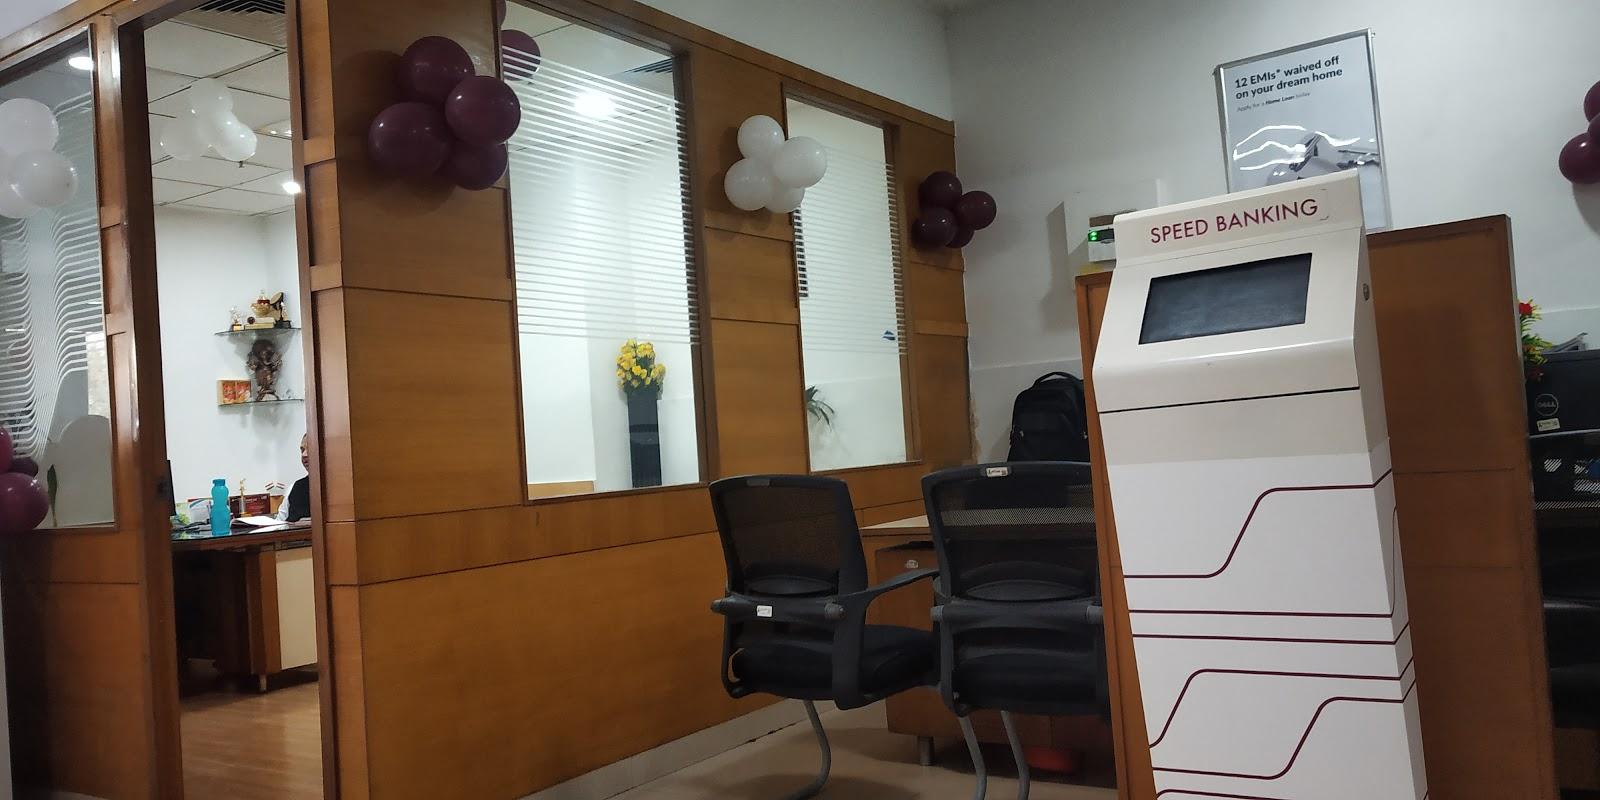 blood bank Axis Bank near Ghaziabad Uttar Pradesh